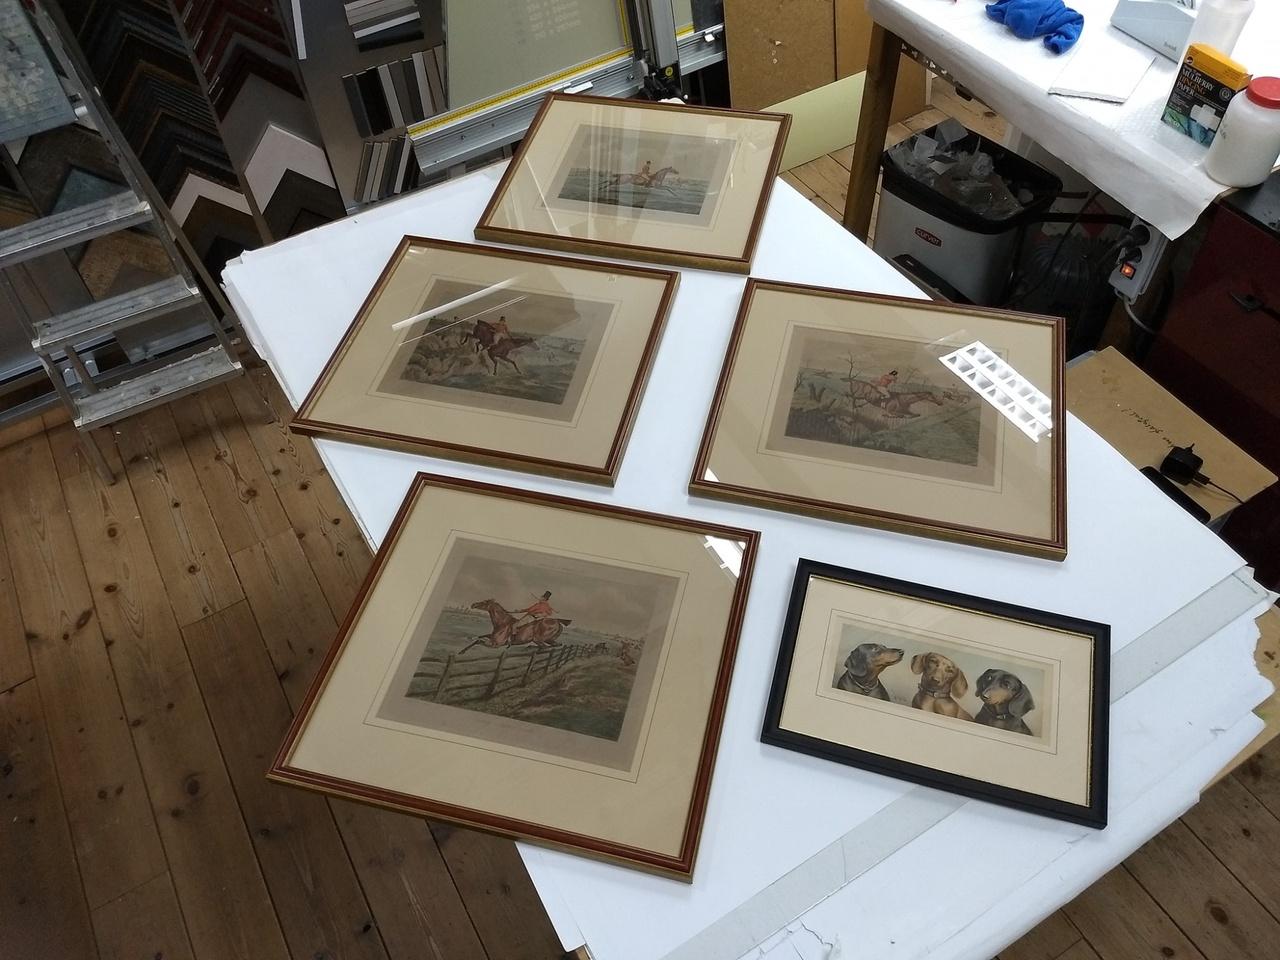 Voor Stichting Het Nationale Park De Hoge Veluwe heb ik de afgelopen maanden ten behoeve van het Park Paviljoen en De Zwarte Berg een grote collectie antieke prenten en enkele schilderijen in mogen lijsten.